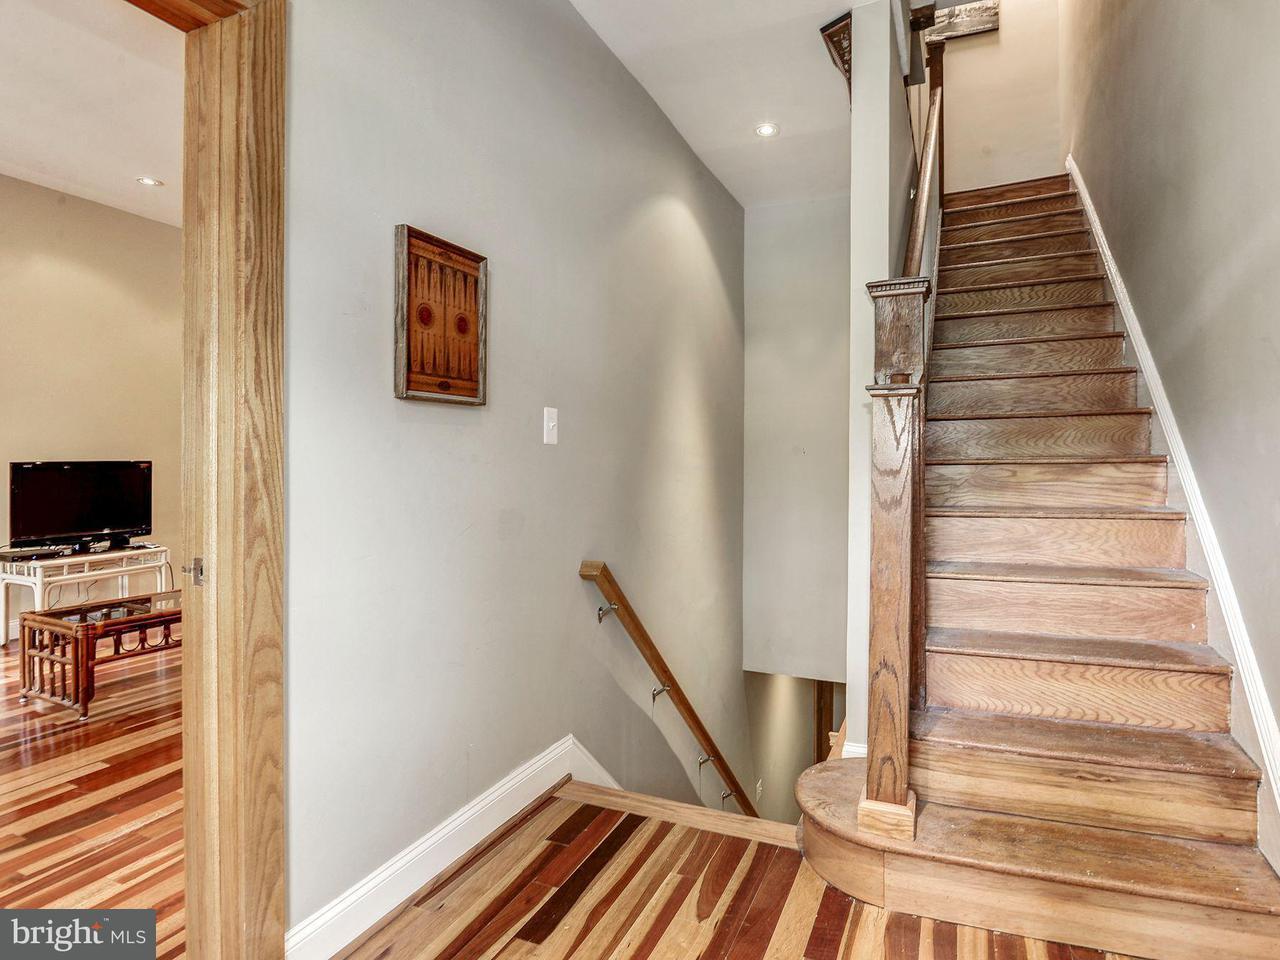 多戶家庭房屋 為 出售 在 1933 Park Rd Nw 1933 Park Rd Nw Washington, 哥倫比亞特區 20010 美國